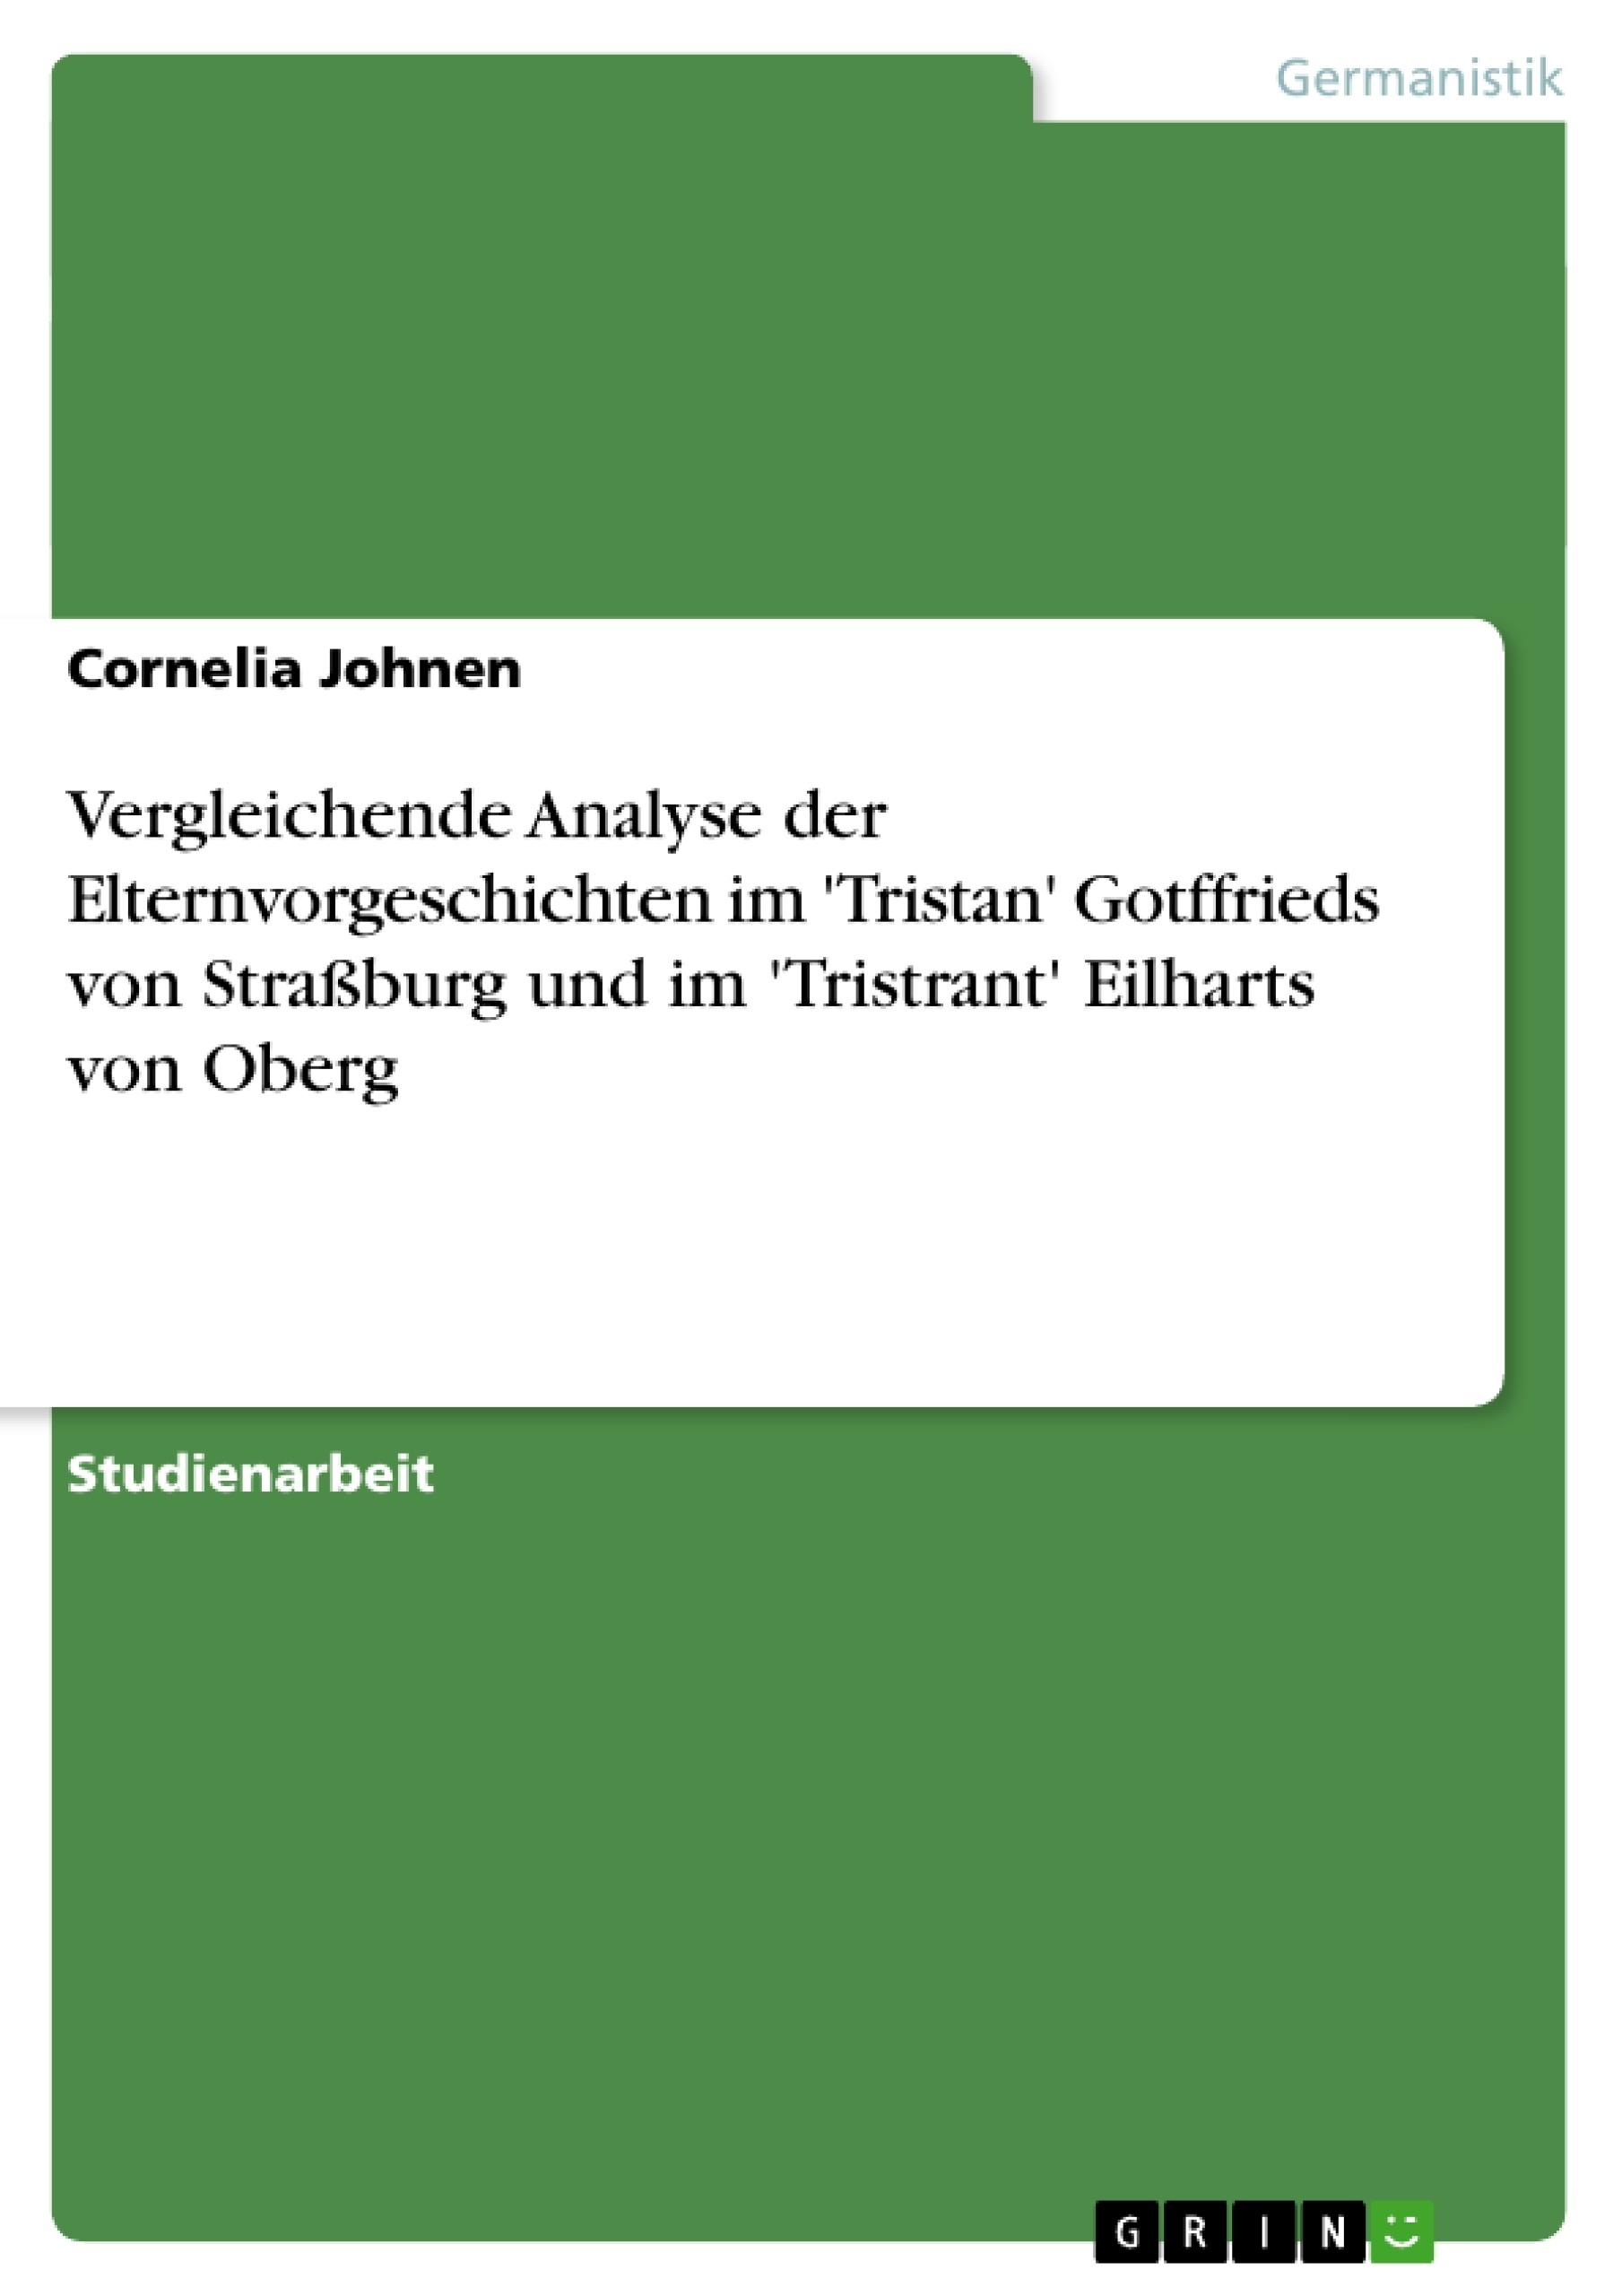 Titel: Vergleichende Analyse der Elternvorgeschichten im 'Tristan' Gotffrieds von Straßburg und im 'Tristrant' Eilharts von Oberg